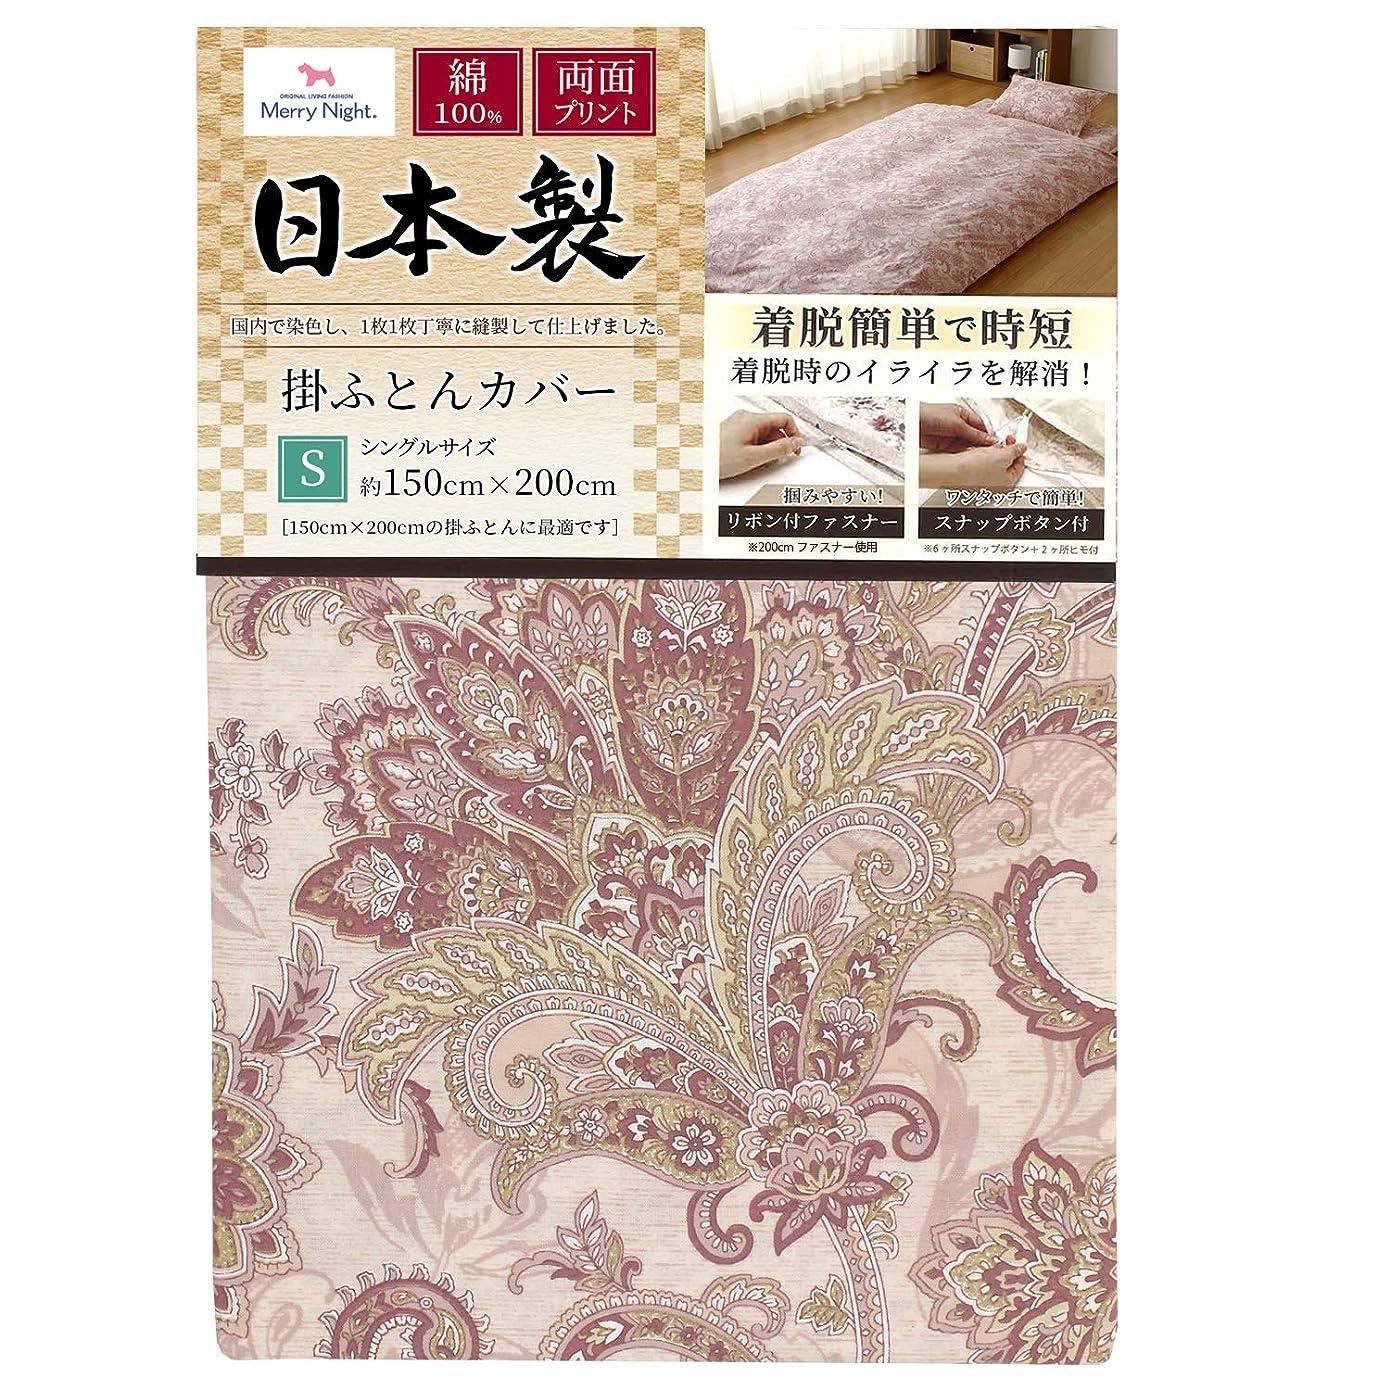 抵抗静けさ擬人化メリーナイト 掛けふとんカバー ピンク シングル 日本製 綿100% 着脱簡単 掛布団カバー 「アラベスク」 223075-16